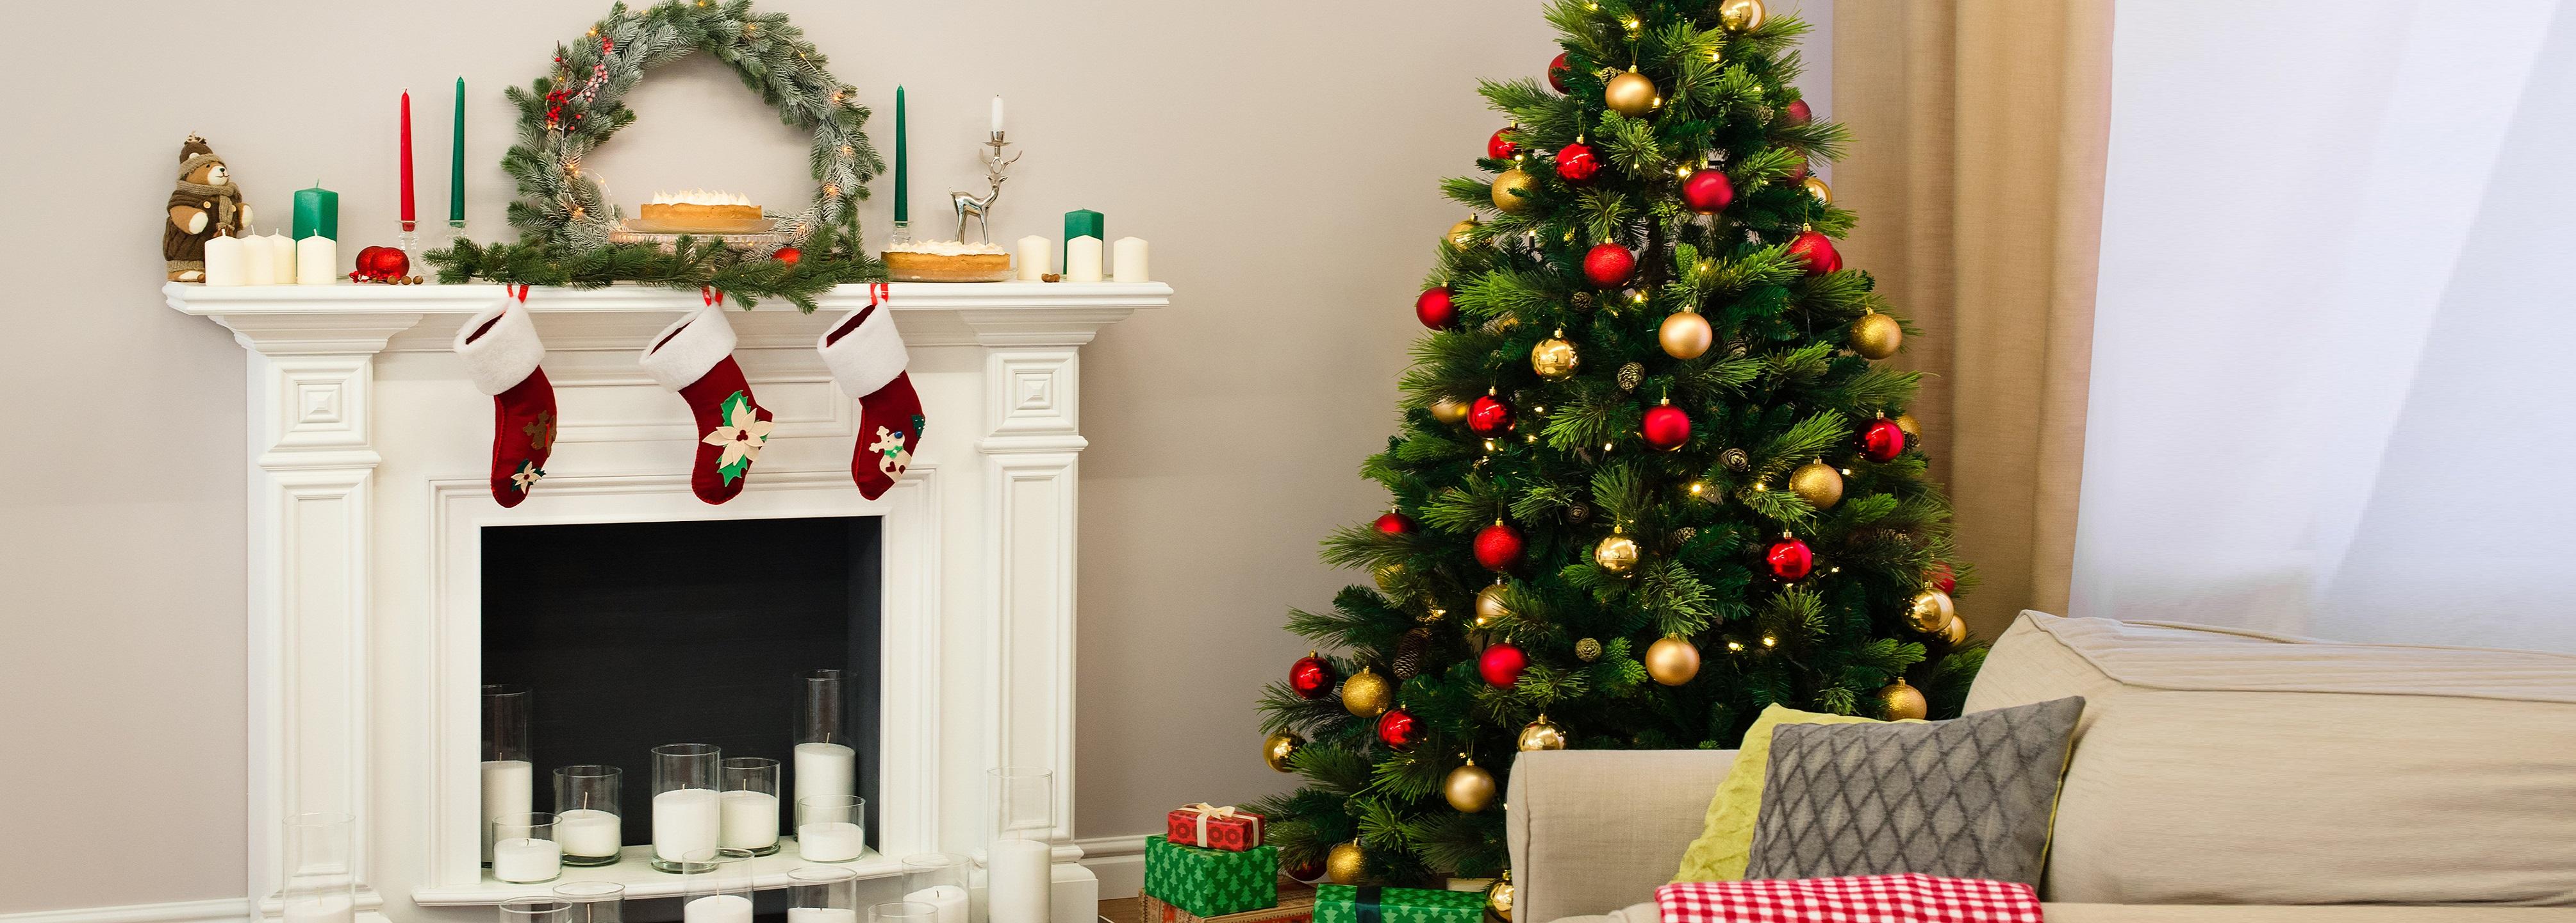 Künstlicher Weihnachtsbaum Auf Rechnung.Künstlicher Weihnachtsbaum Ch Home